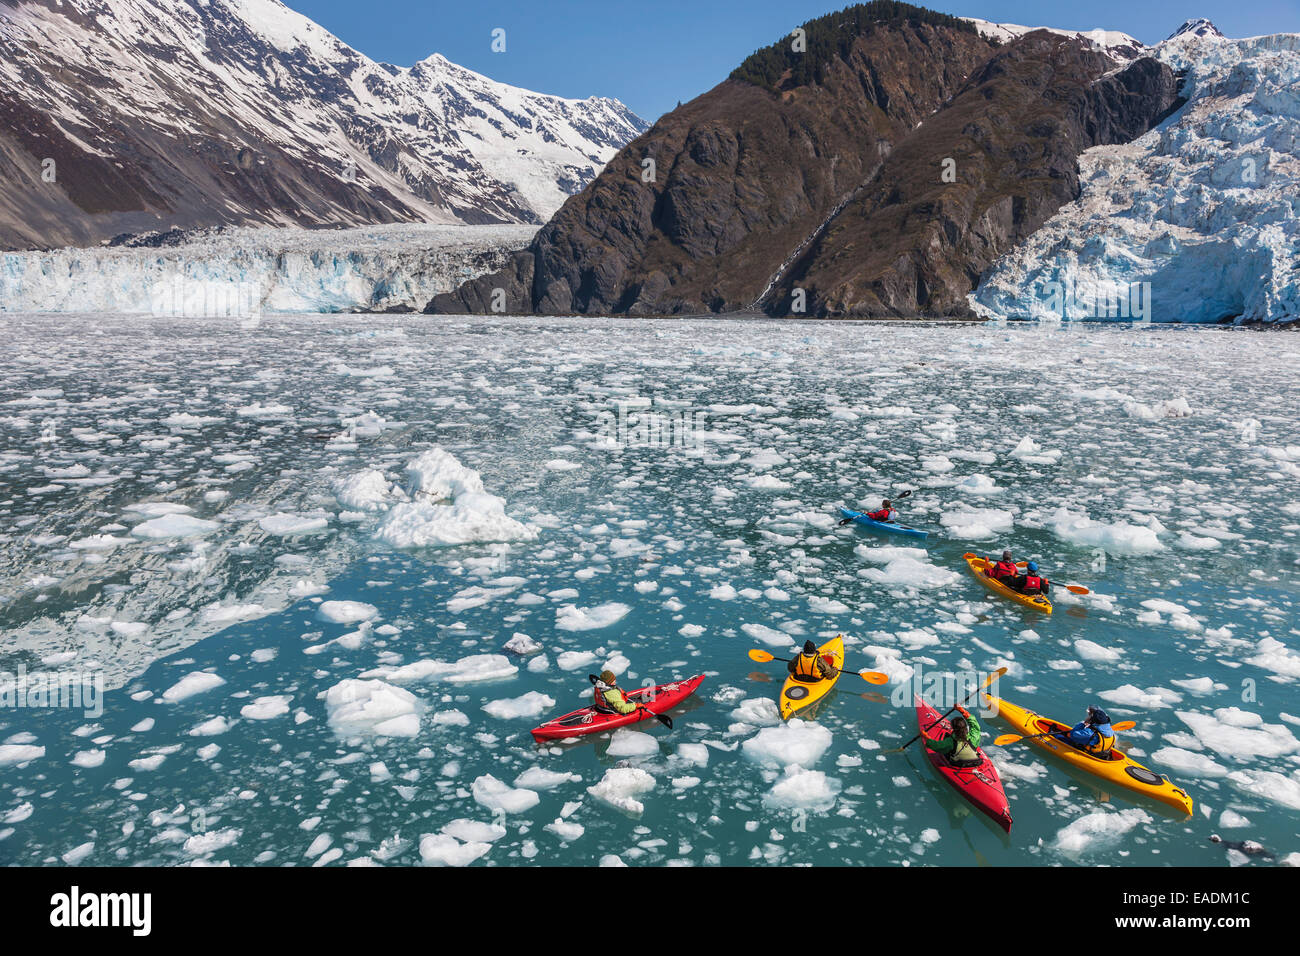 Alaska, ghiacciaio,Kayak,avventura Immagini Stock